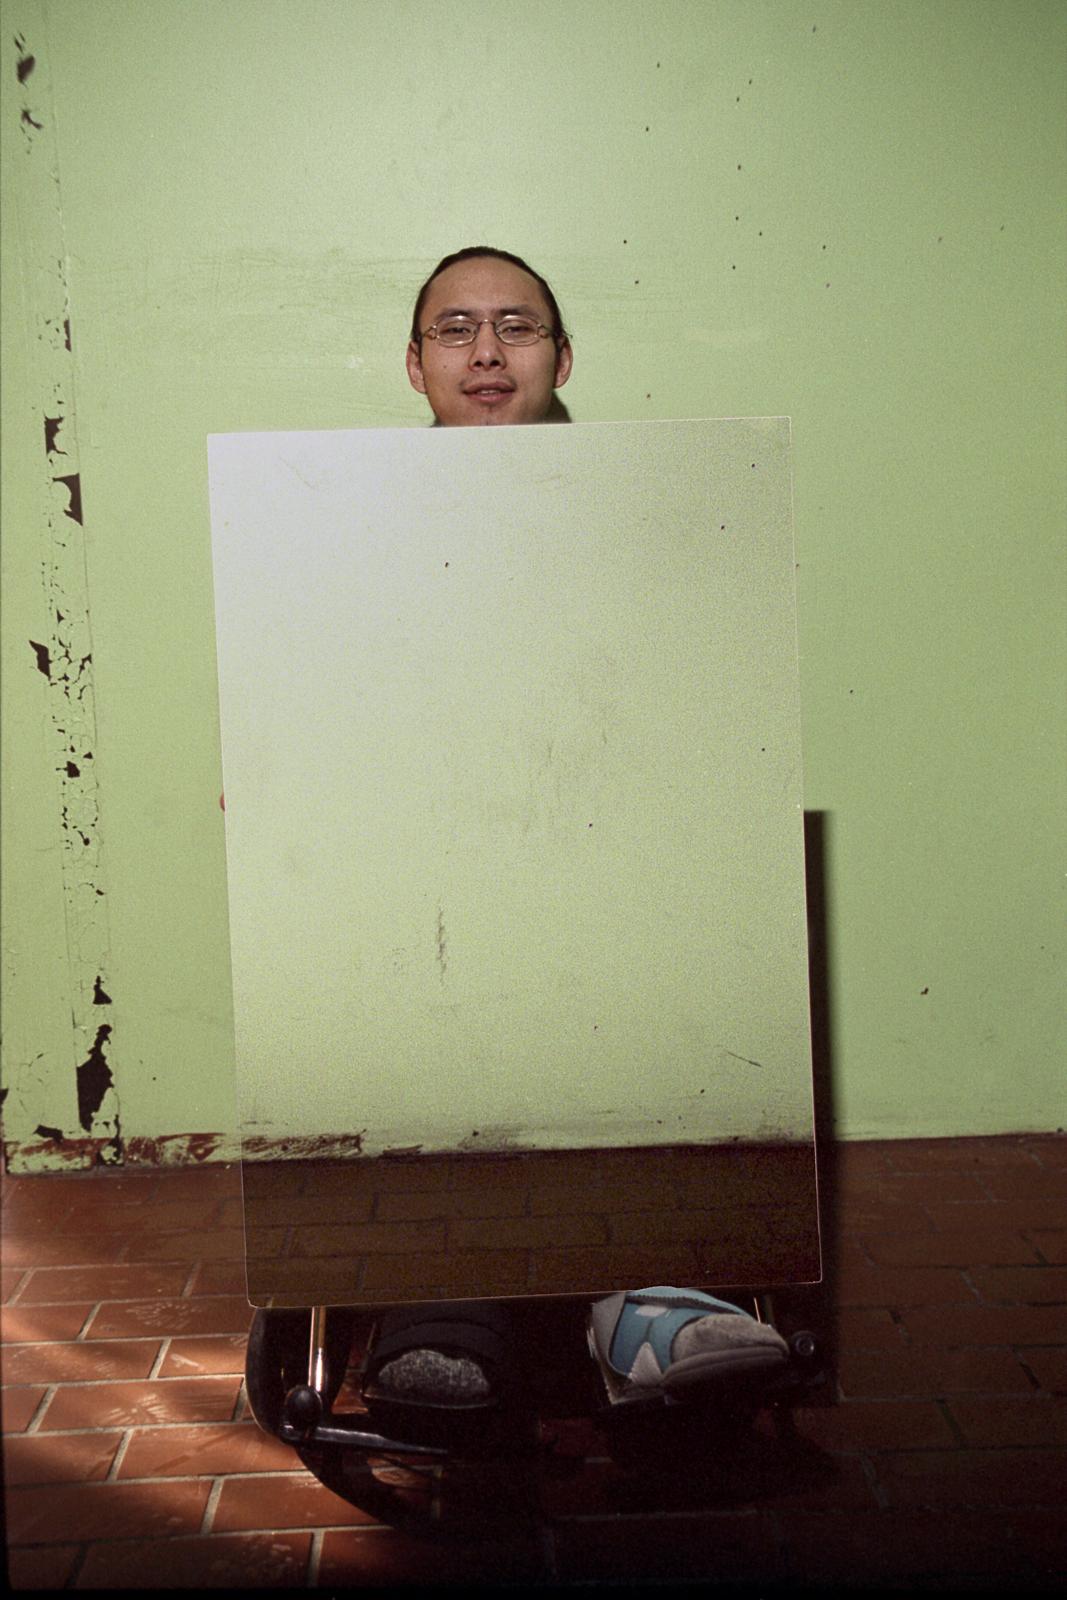 chinese-guy-print_5916520890_o.jpg